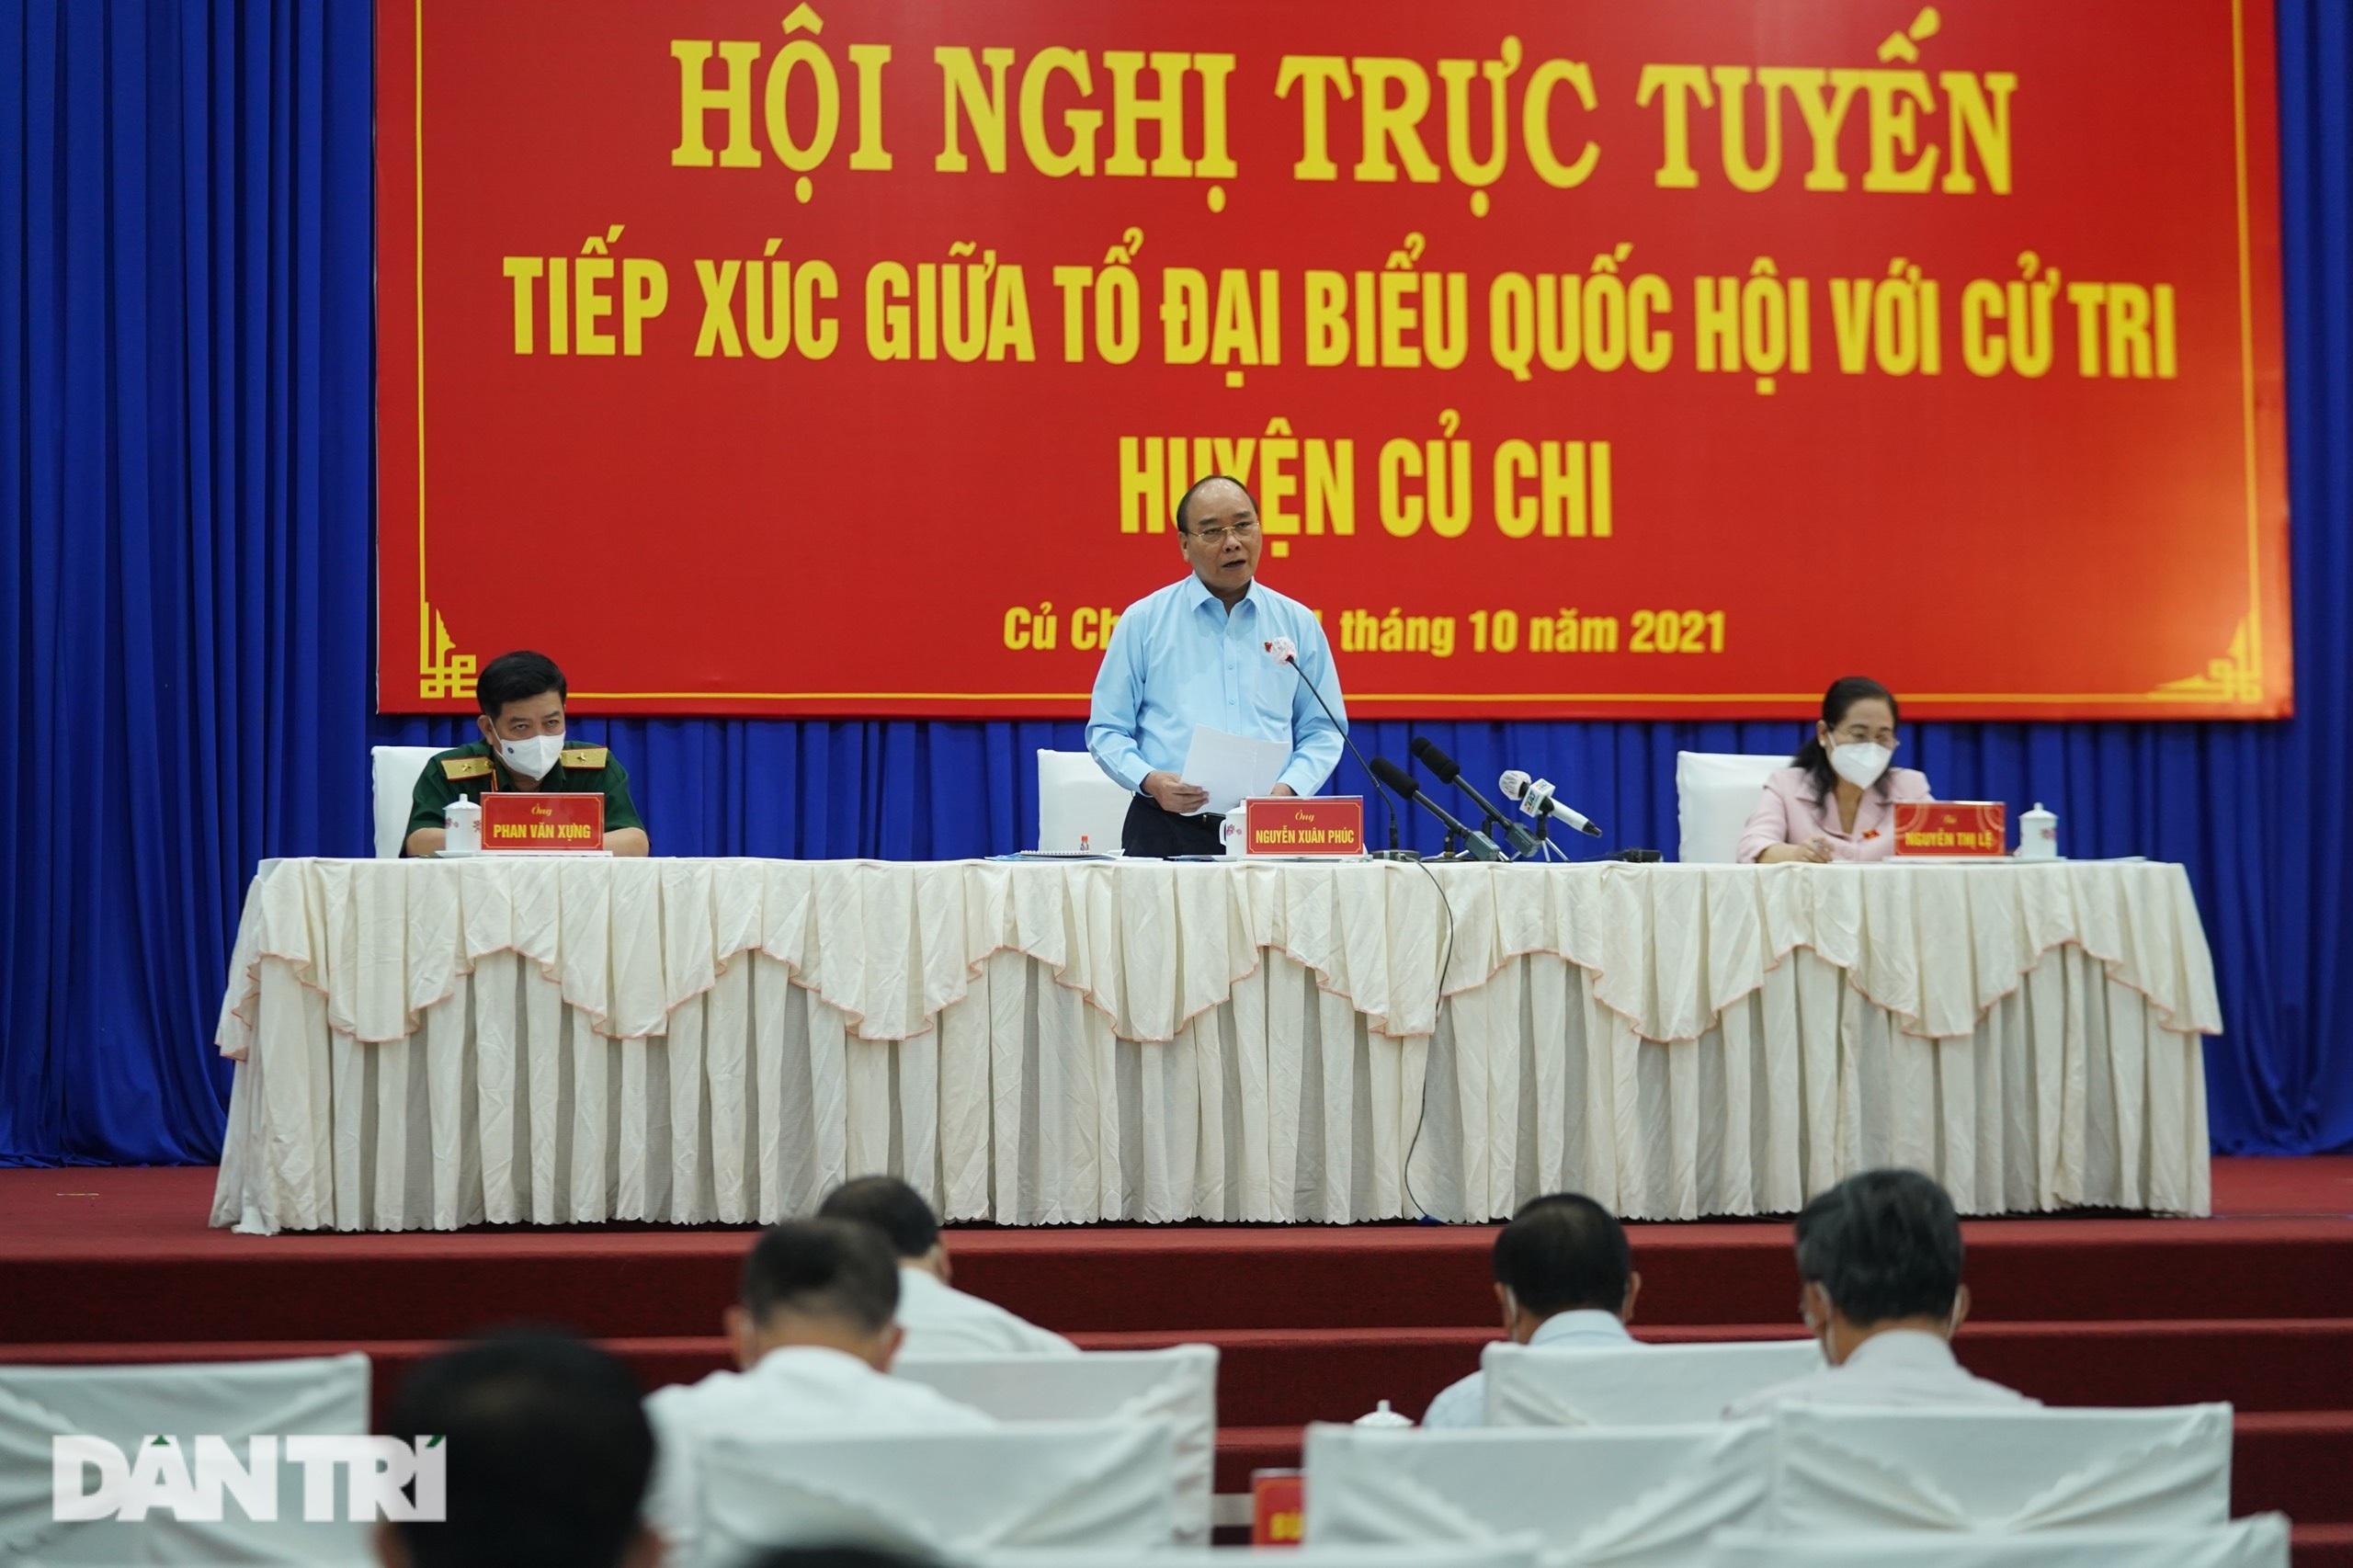 Chủ tịch nước: Nhiệm vụ quan trọng của TPHCM là níu chân người lao động - 1